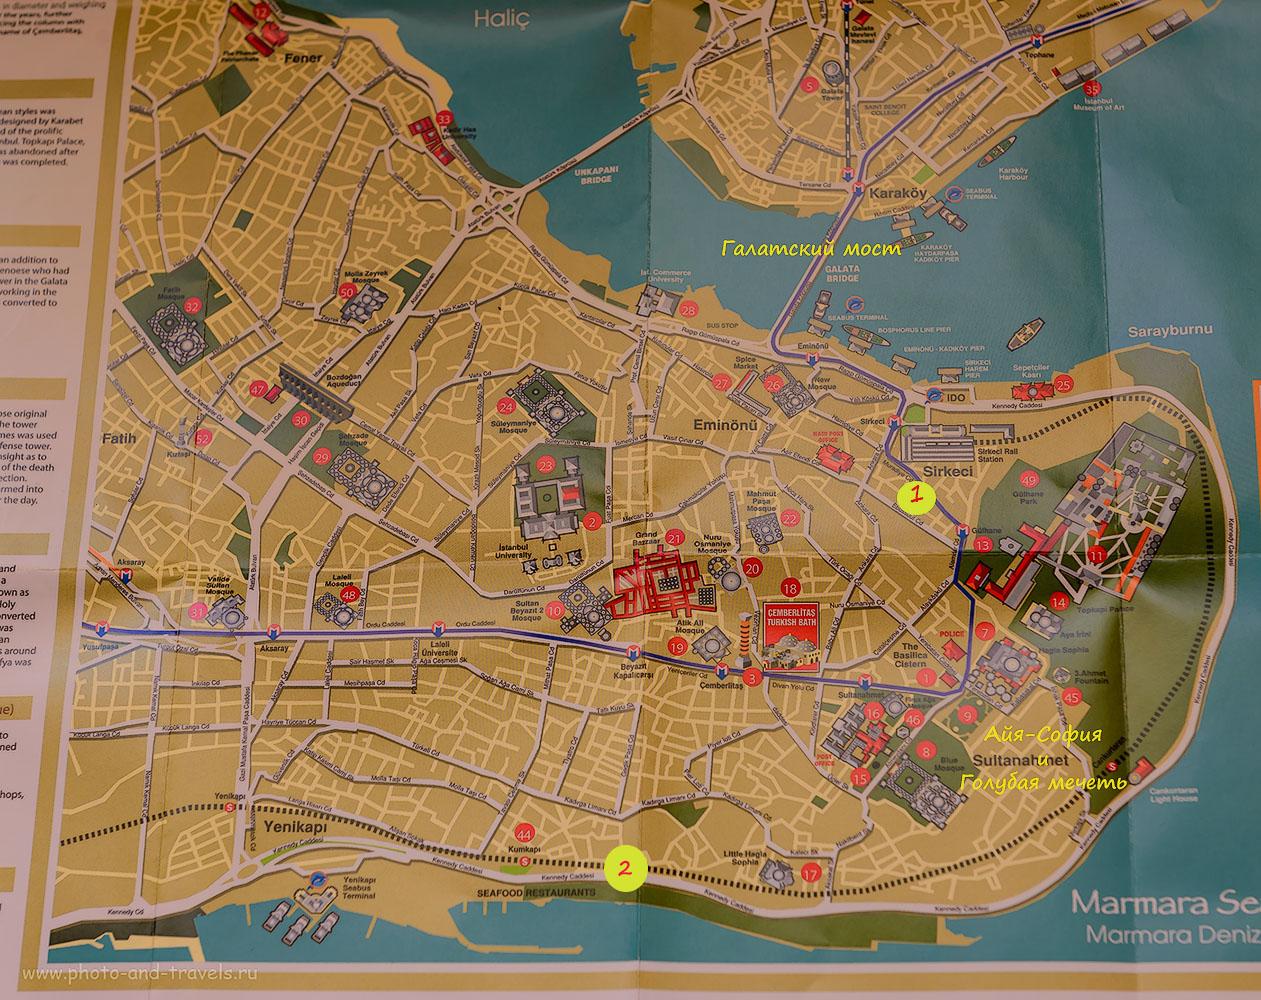 Рисунок 3. Стамбул. Достопримечательности. Карта расположения интересных мест для экскурсий в старом городе. Что можно посмотреть за несколько часов, за полдня и за неделю. Отчеты Туристов об отдыхе в Турции самостоятельно.